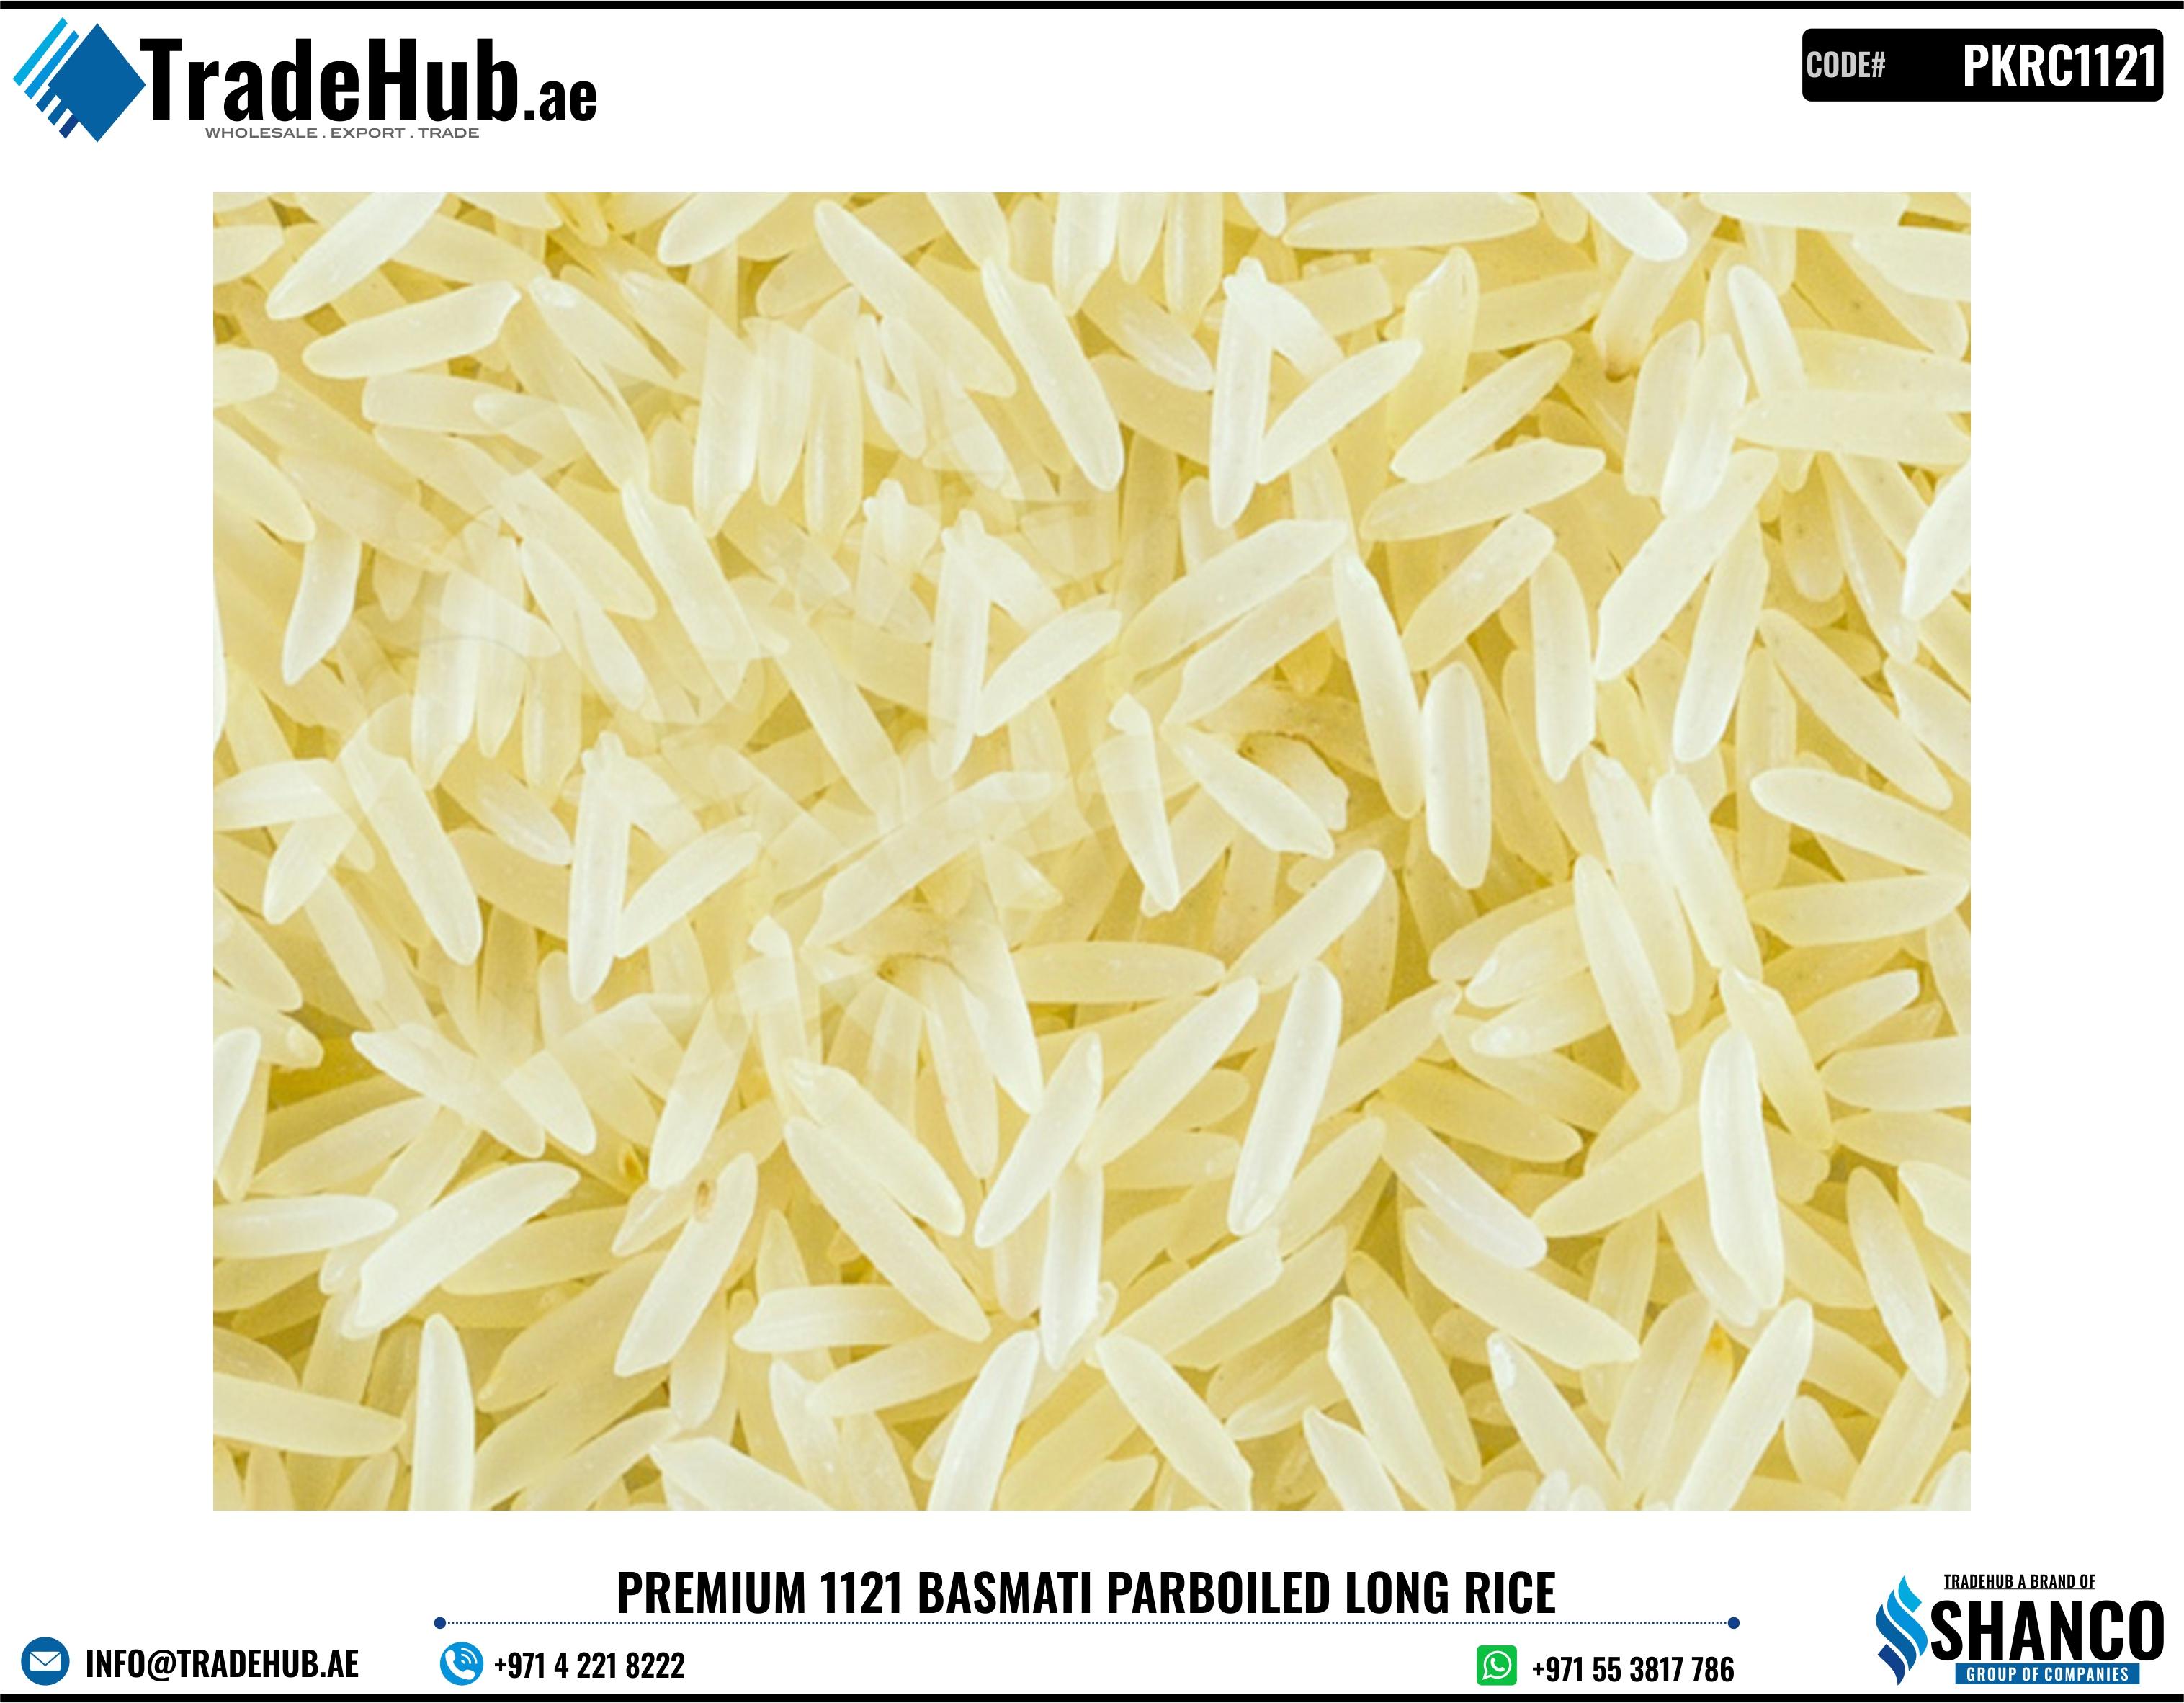 Premium Basmati Rice, 1121 Basmati Rice, Pakistani Parboiled Long Grain Rice, Basmati Golden Sella Rice, Sella Rice - PKRC0001